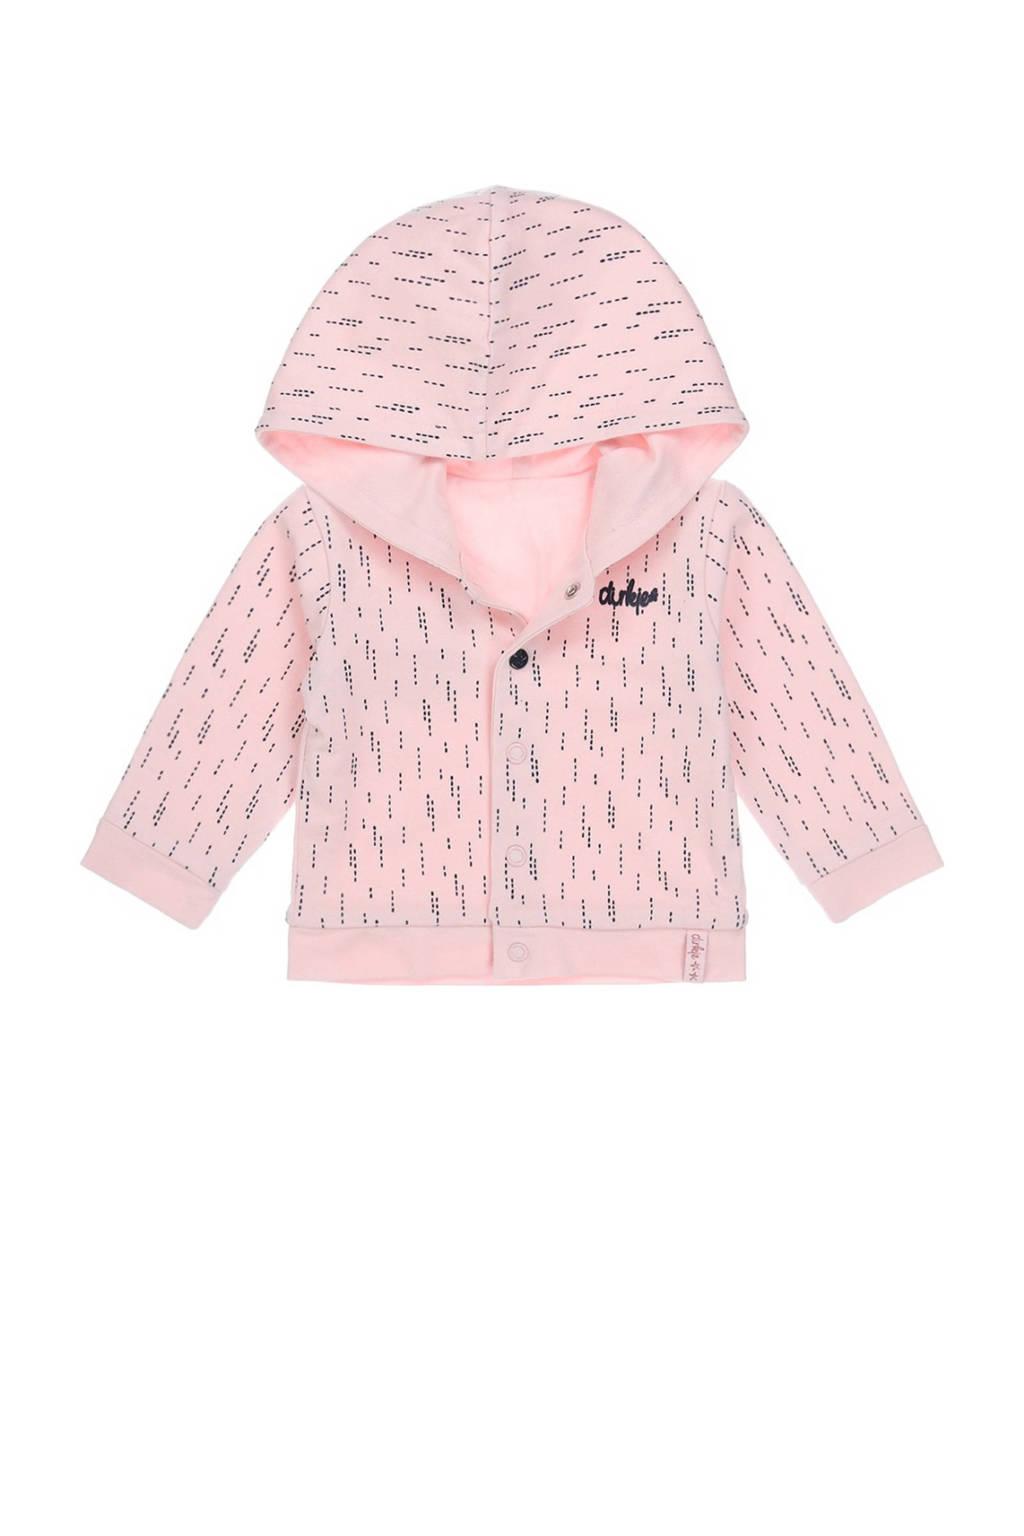 Dirkje baby reversible vest met biologisch katoen lichtroze/donkerblauw, Lichtroze/donkerblauw